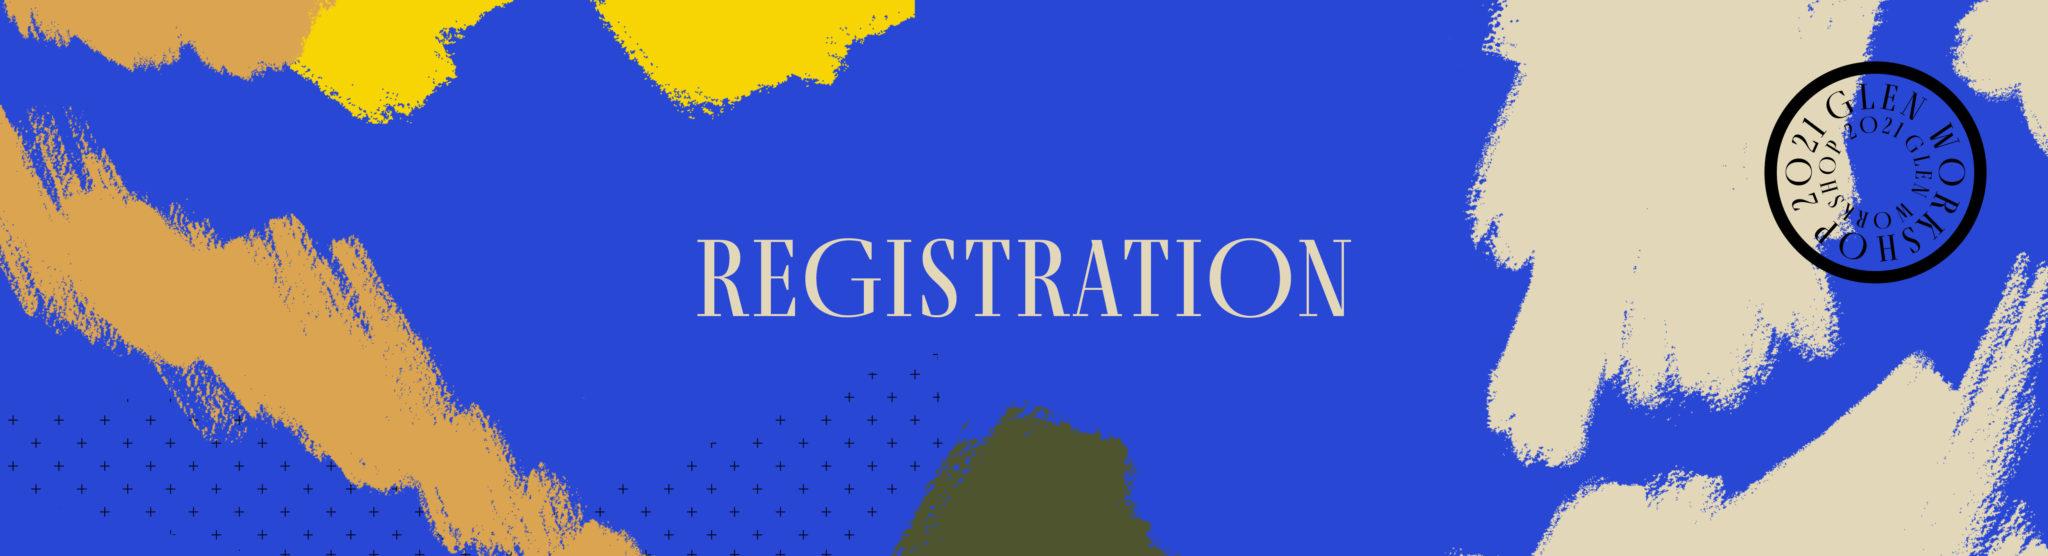 Image-Glen-2021-Registration-Update